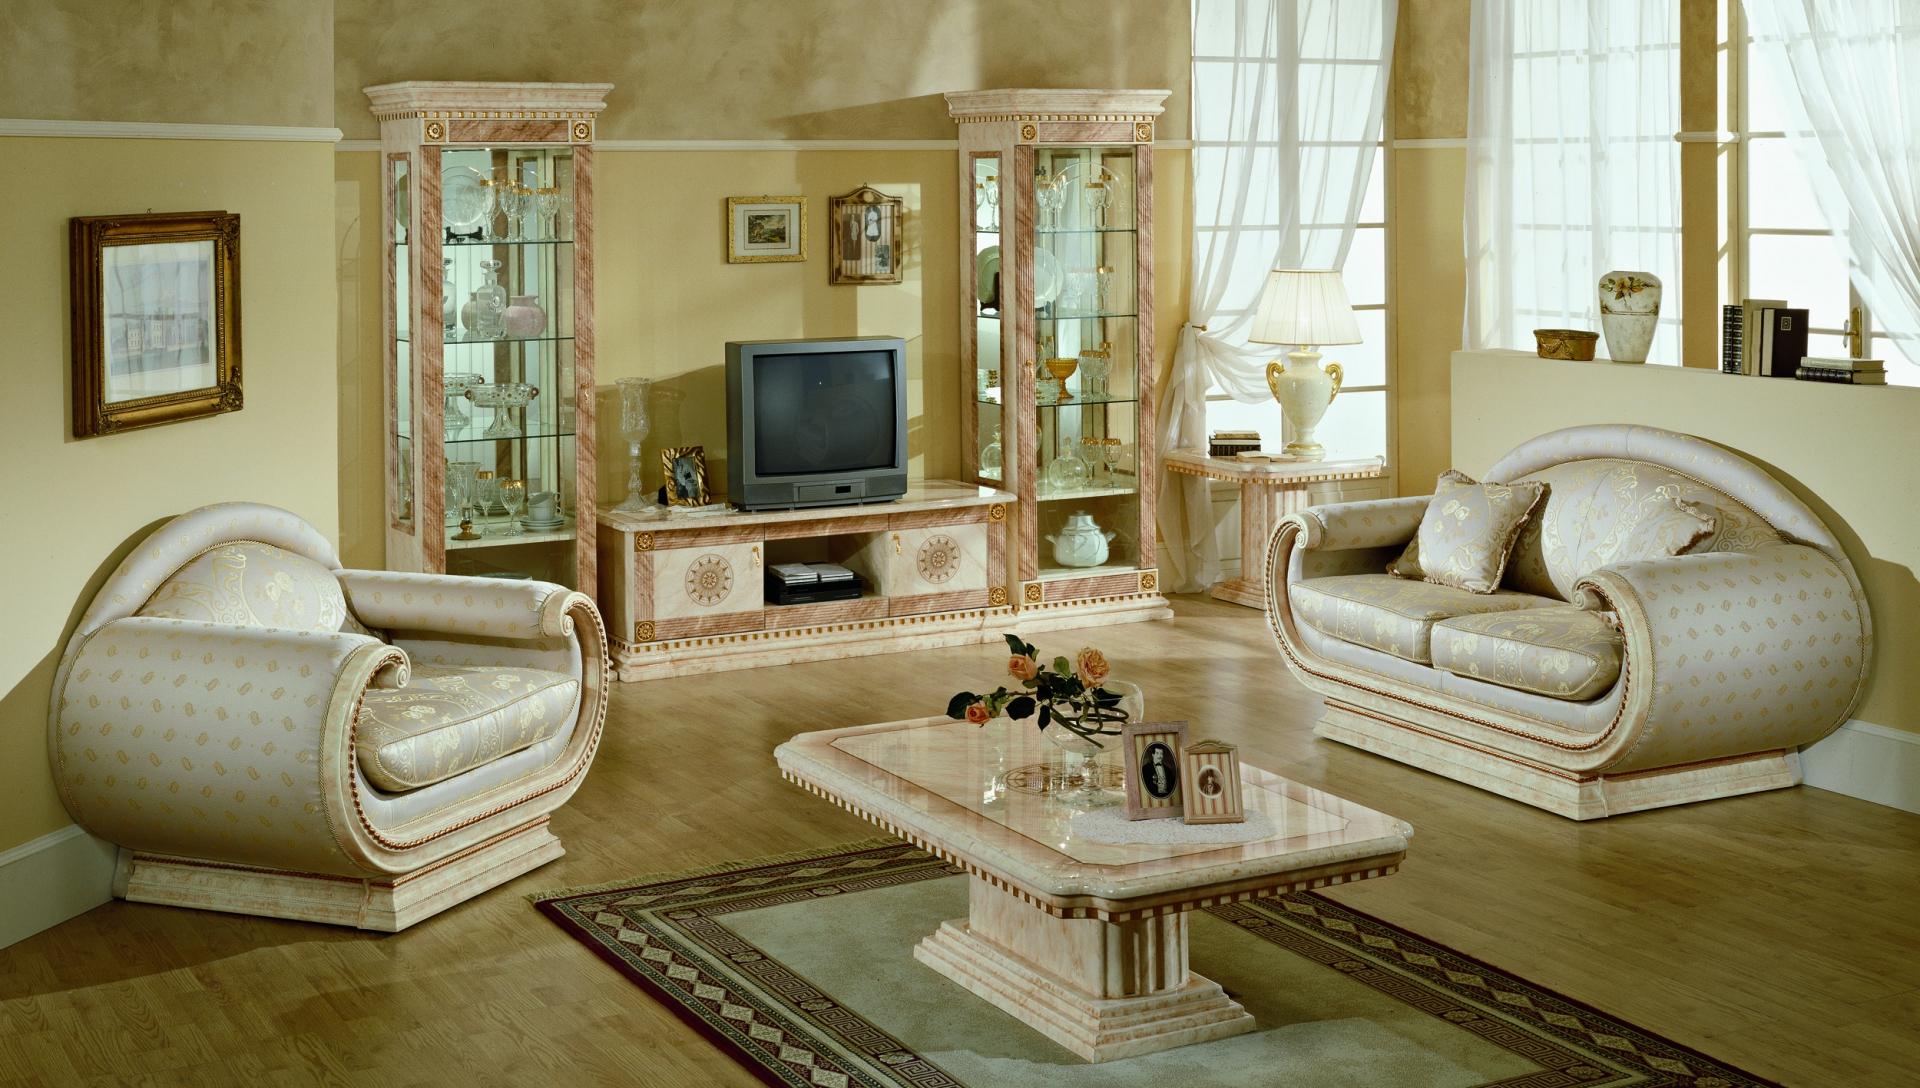 Бело-золотистая мягкая мебель в классической гостиной